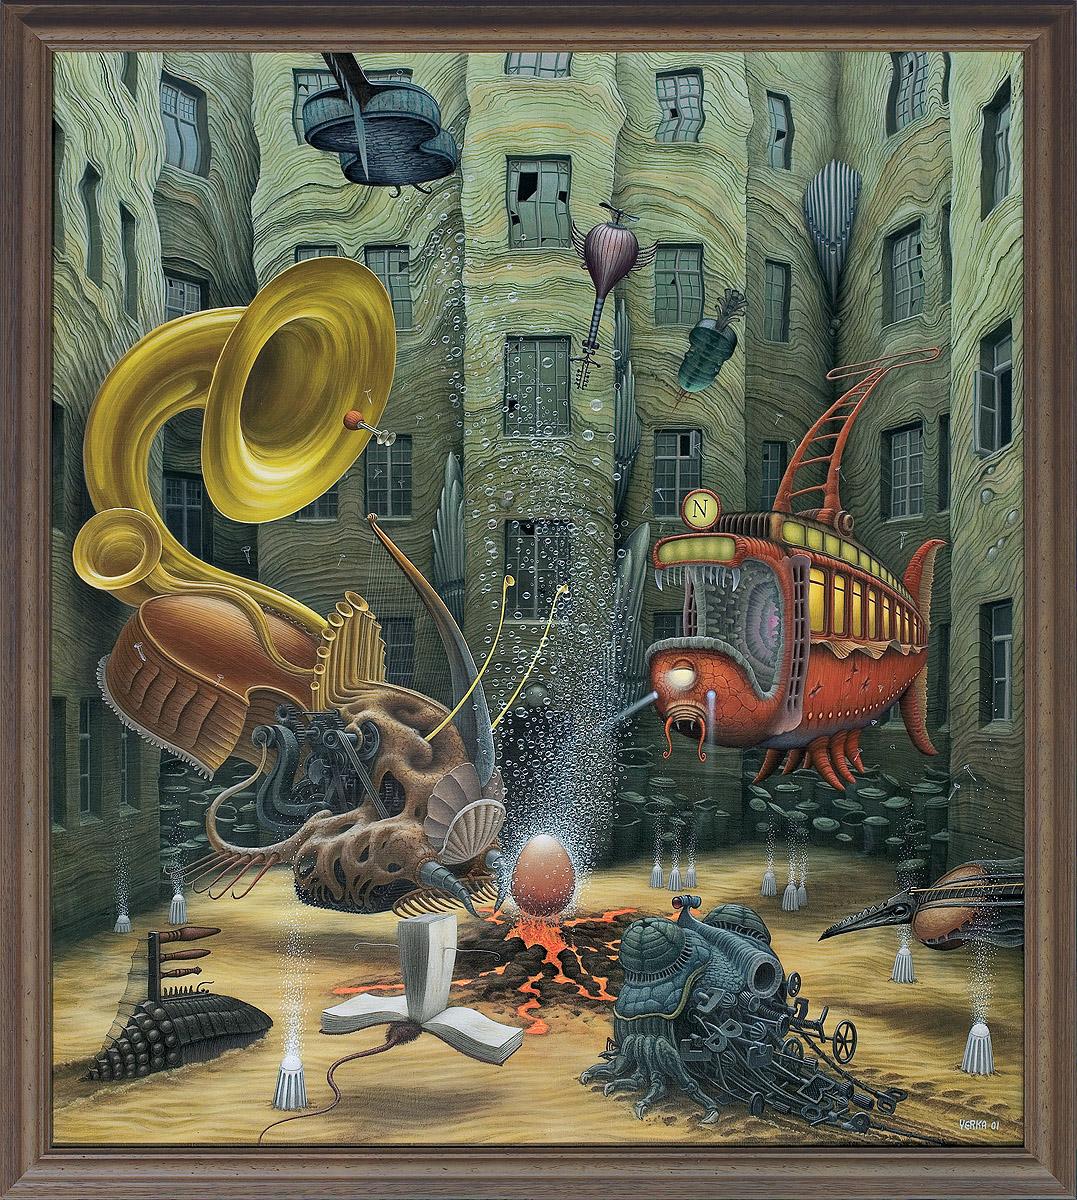 Jacek Yerka, Life is born, acrylic, 92x81 cm